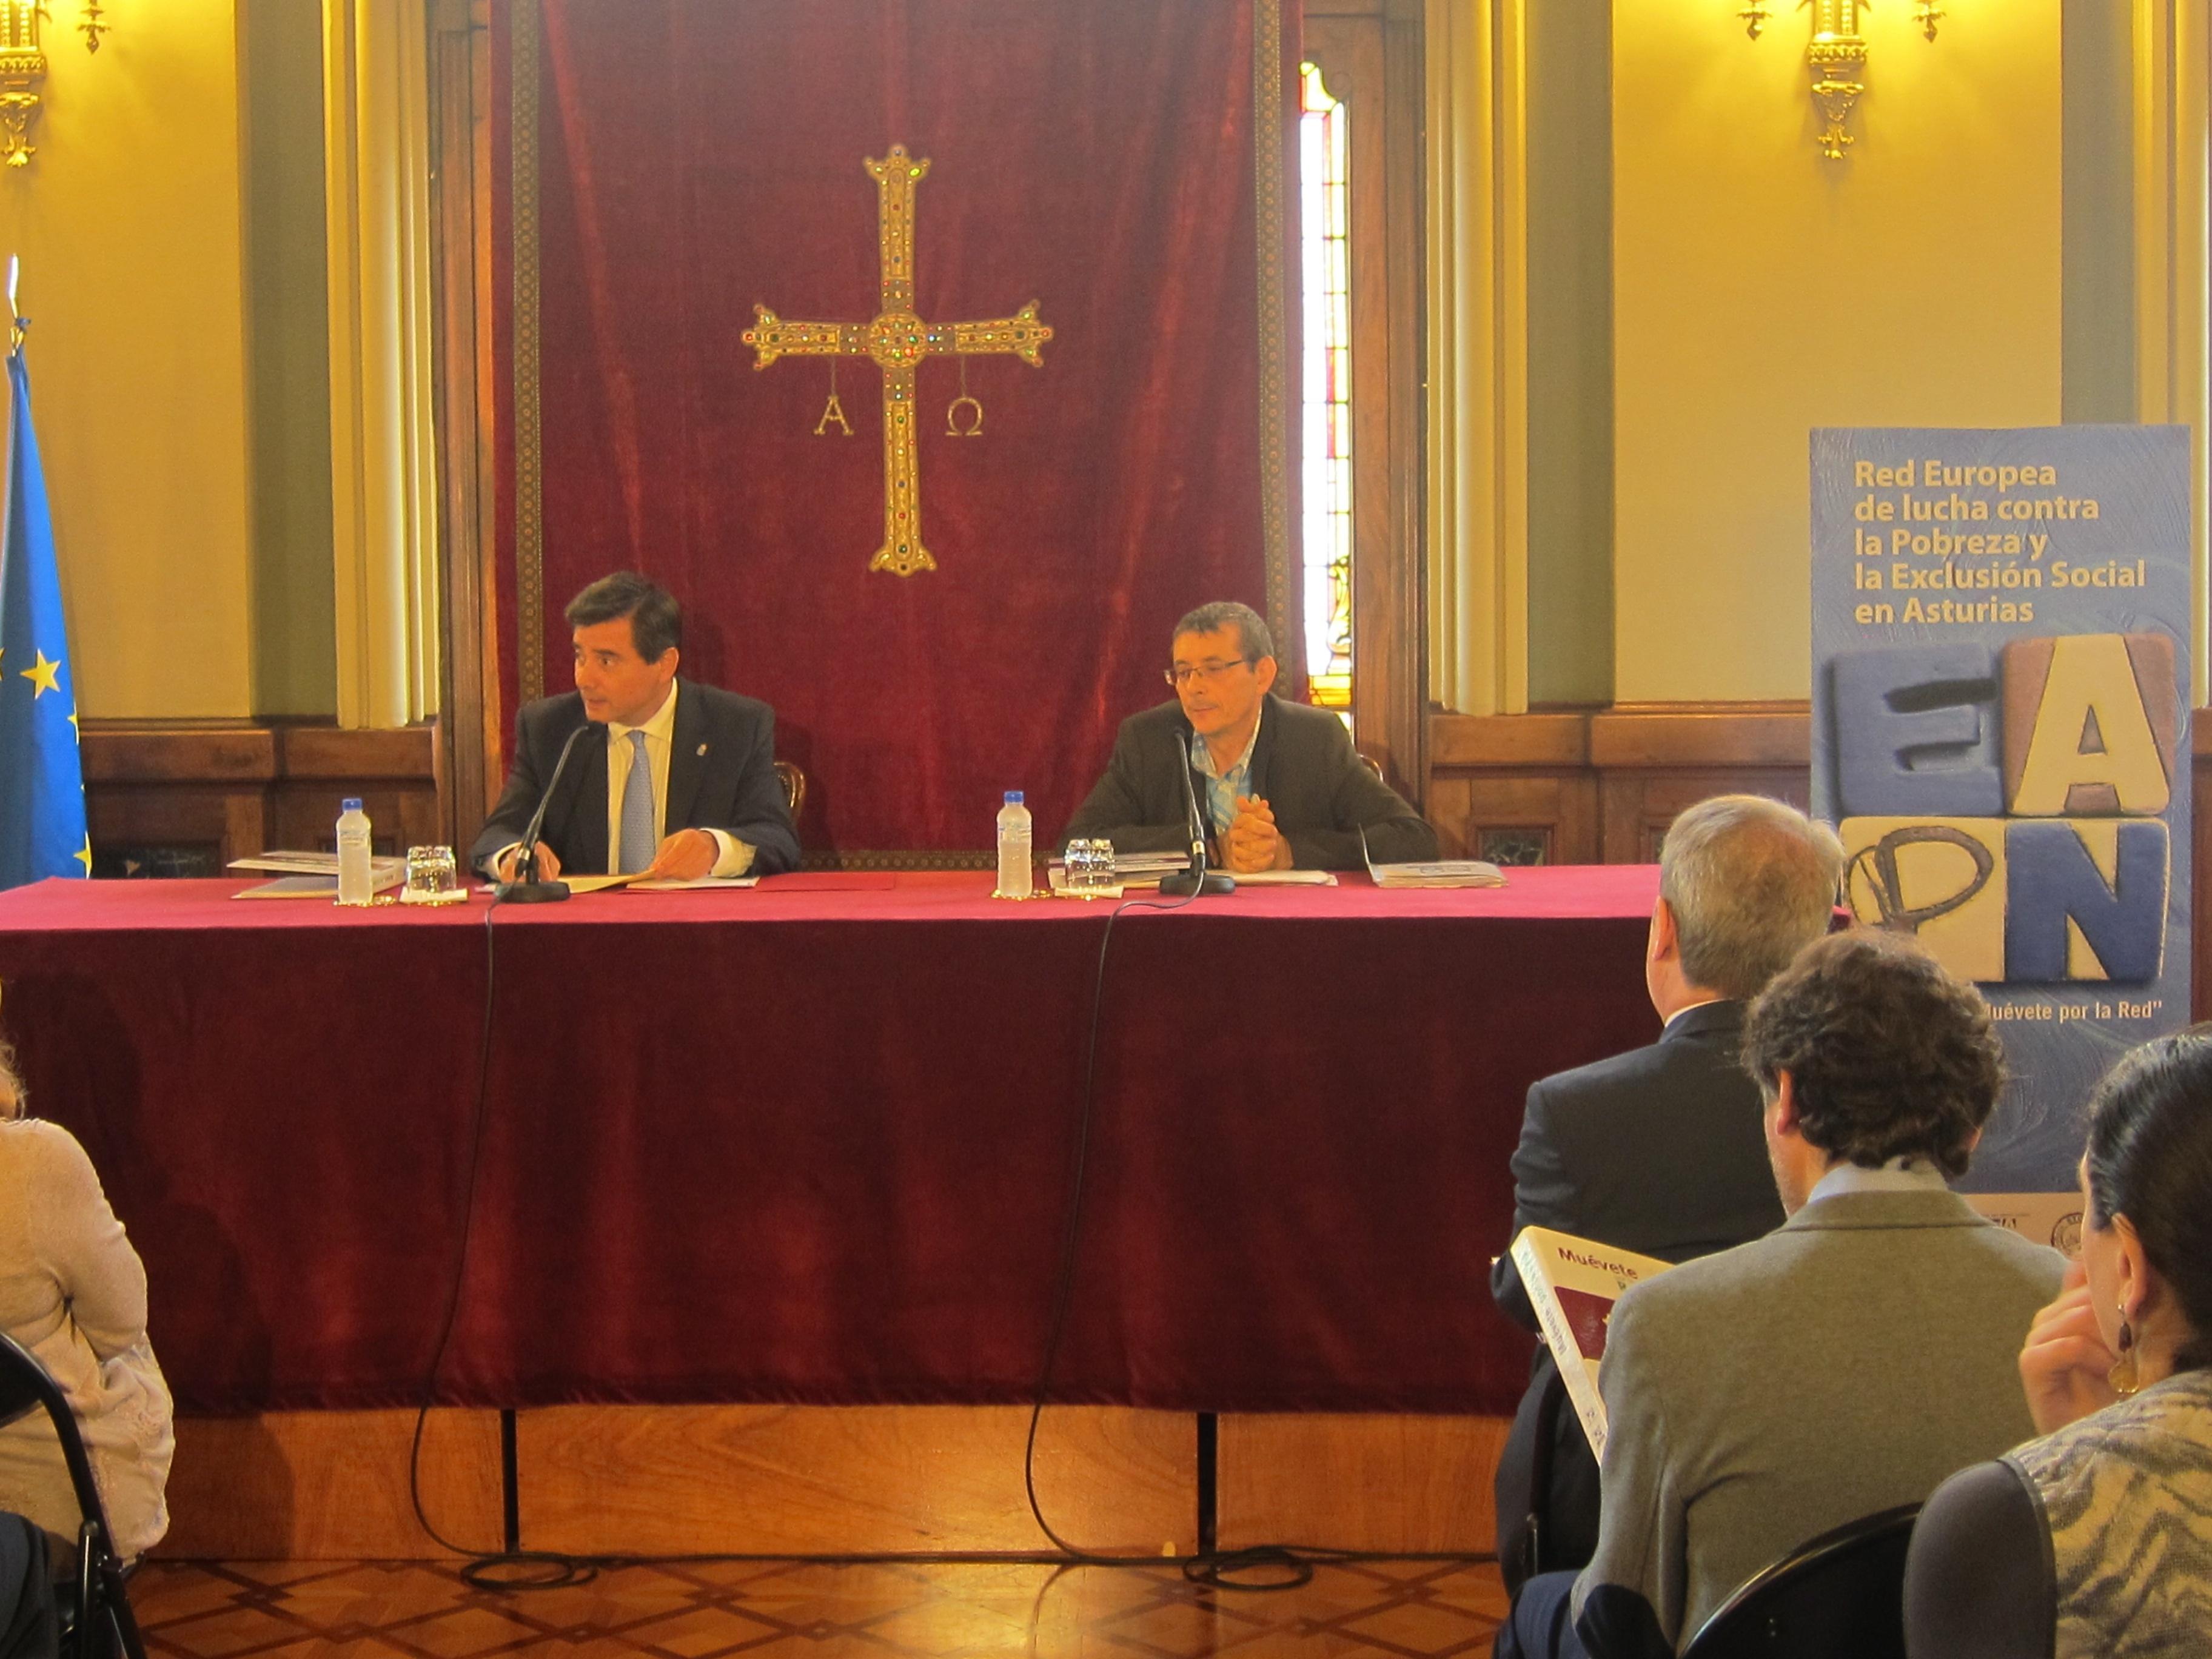 En Asturias hay 110.000 personas por debajo del umbral de la pobreza, una situación «alarmante»